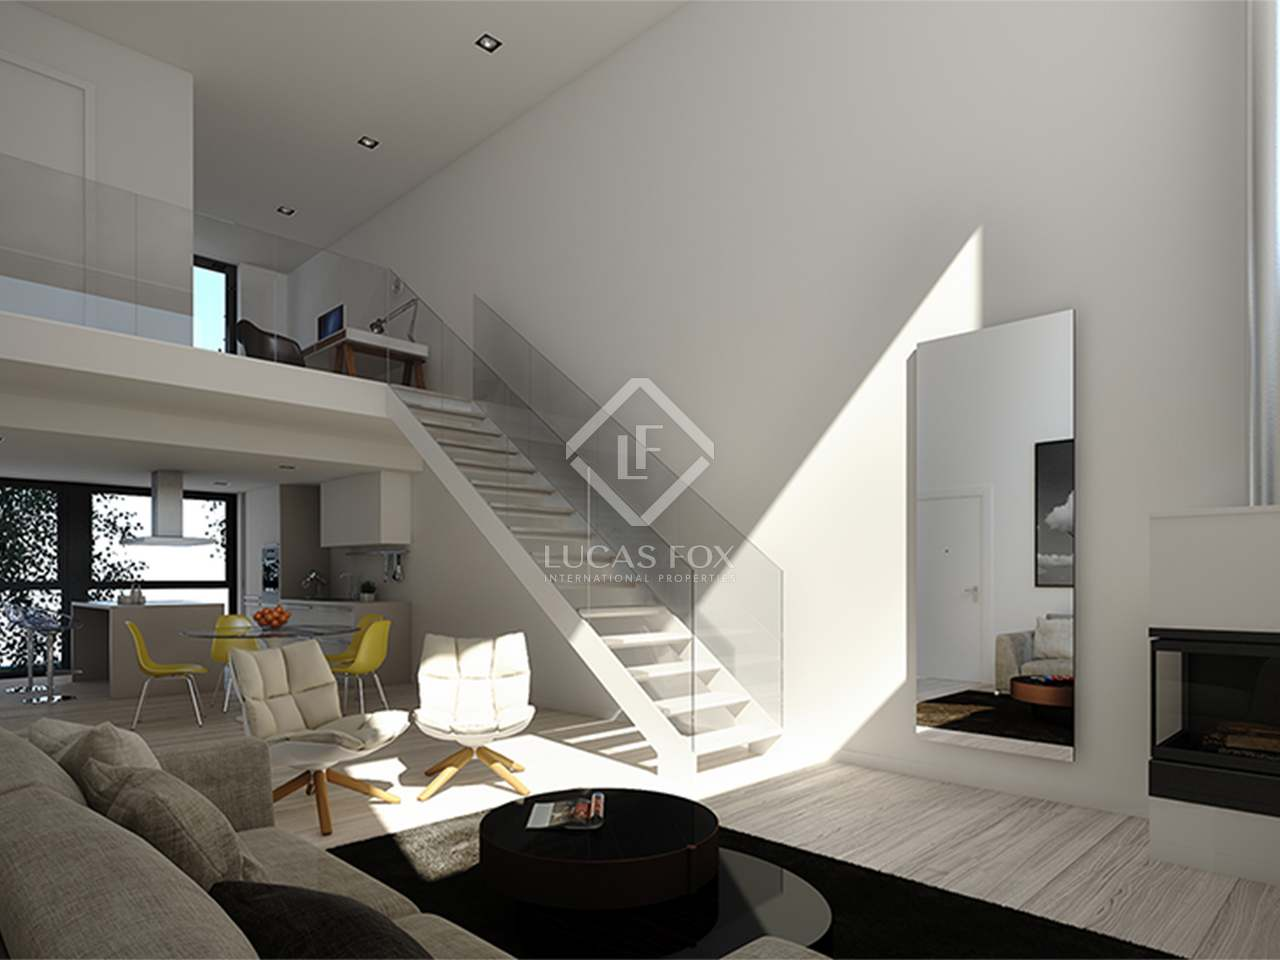 115m wohnung zum verkauf in hispanoam rica madrid. Black Bedroom Furniture Sets. Home Design Ideas